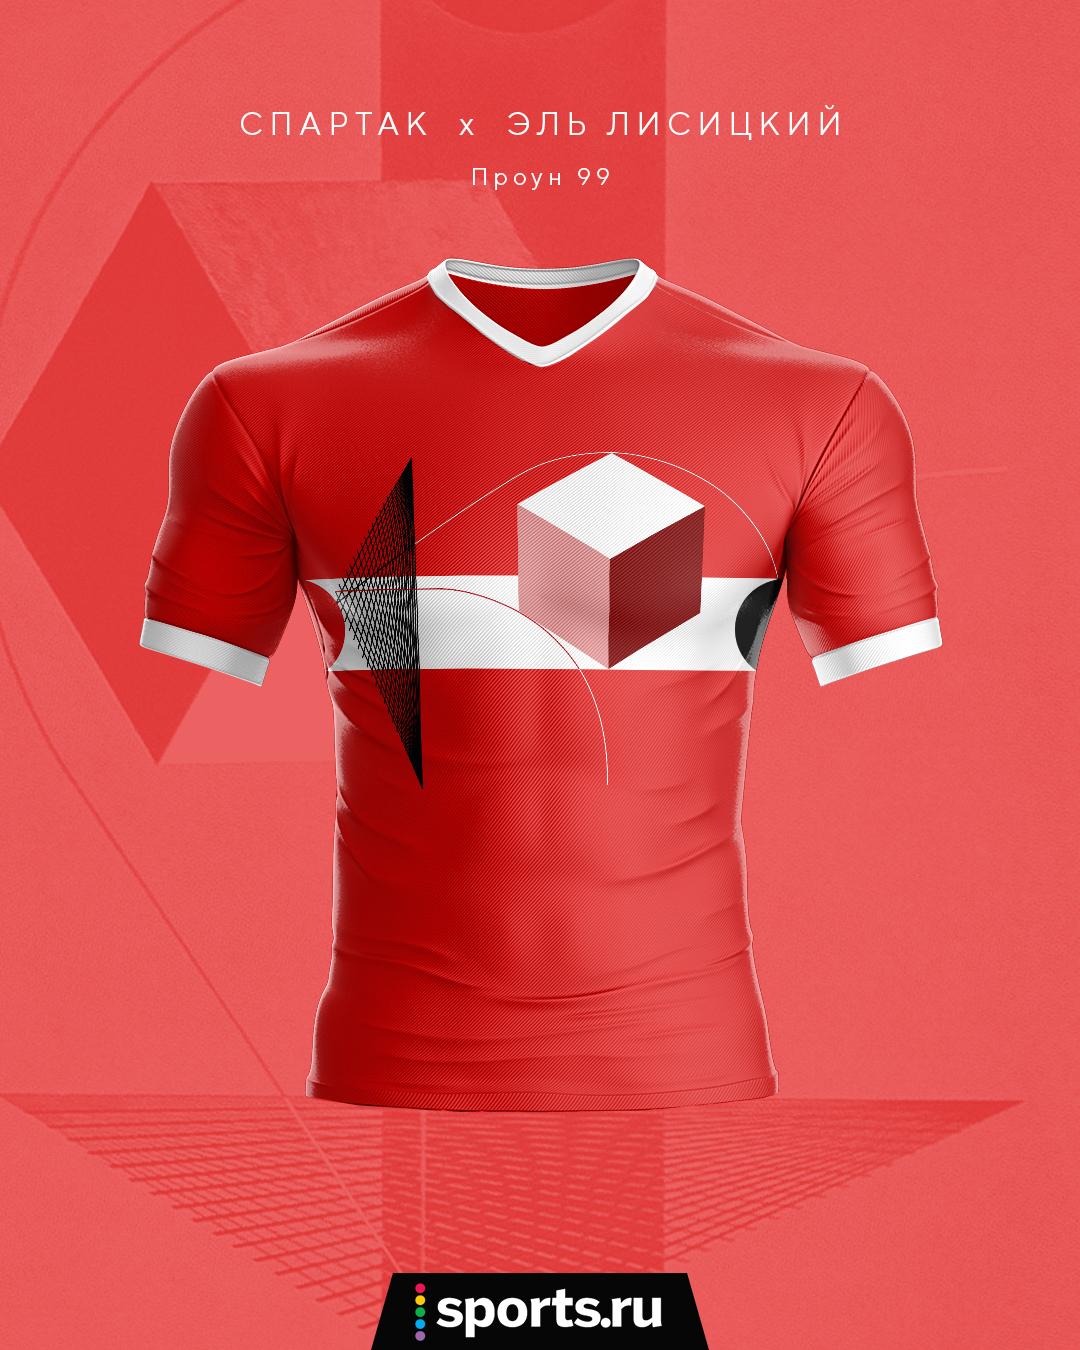 Бавария, Ла Лига, премьер-лига Англия, премьер-лига Россия